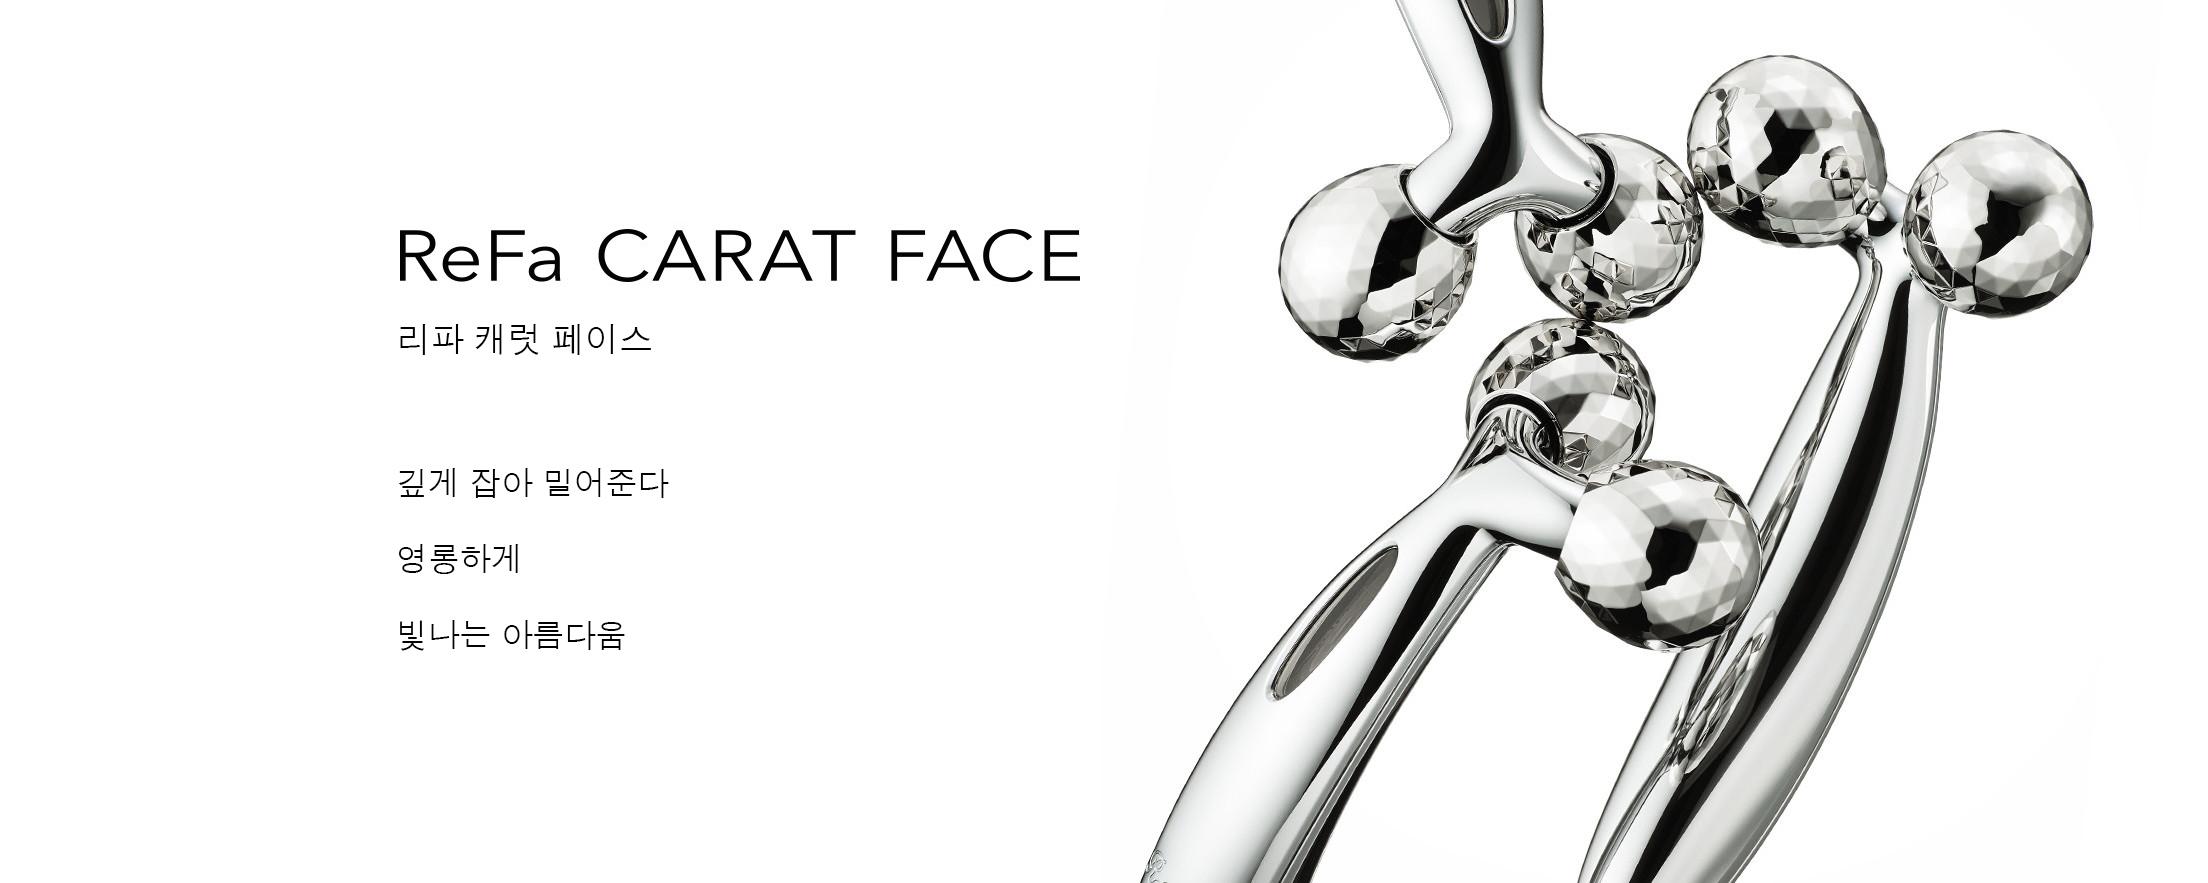 ReFa CARAT(リファカラット)